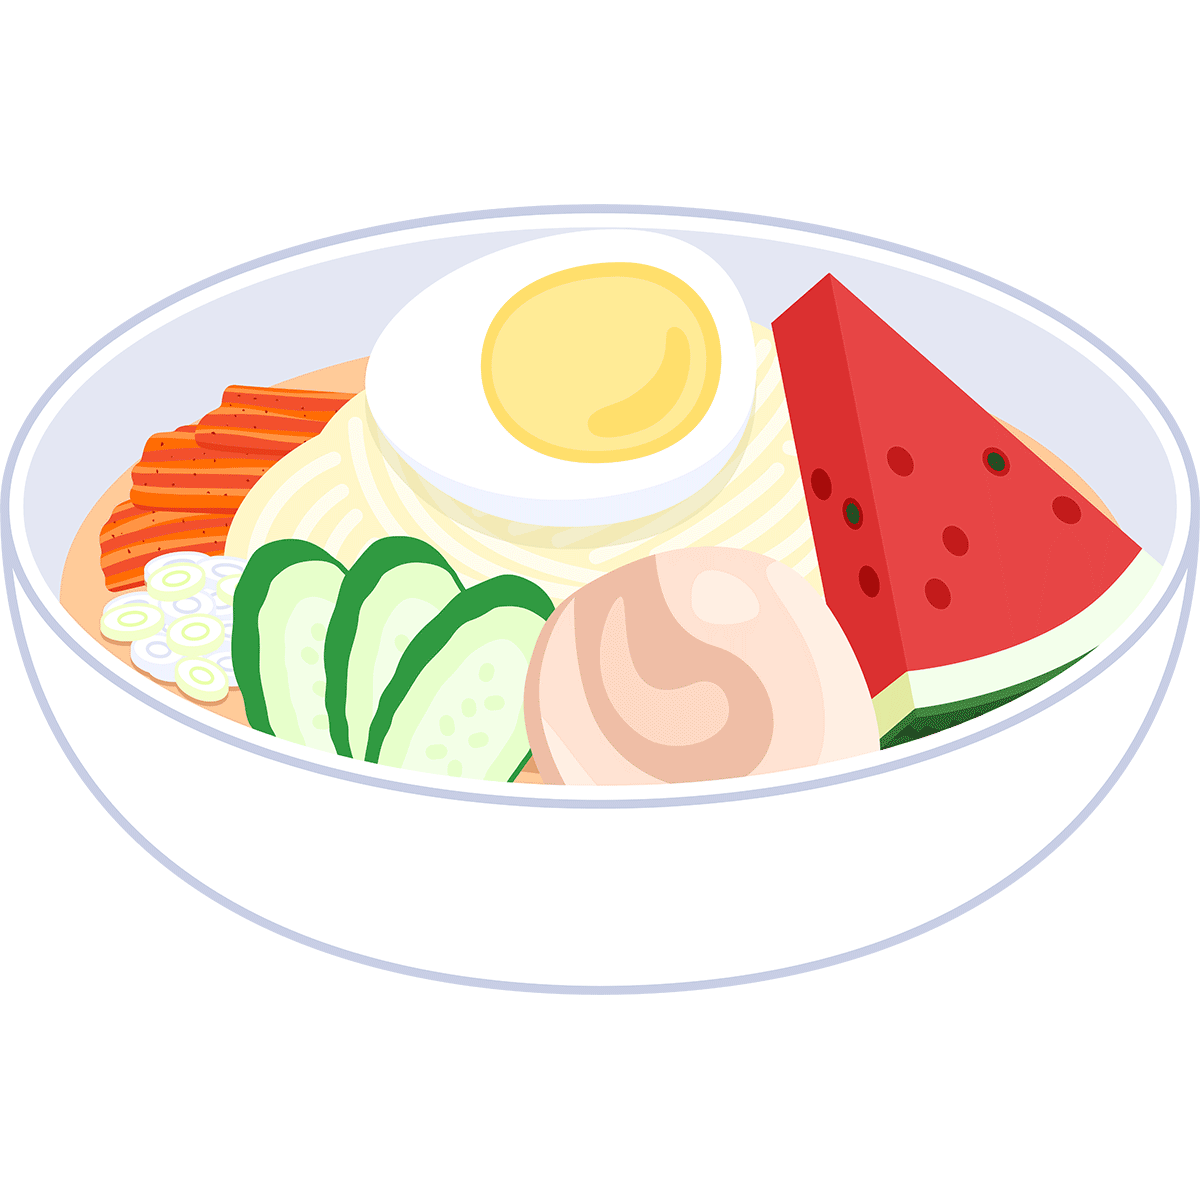 盛岡冷麺の無料イラスト